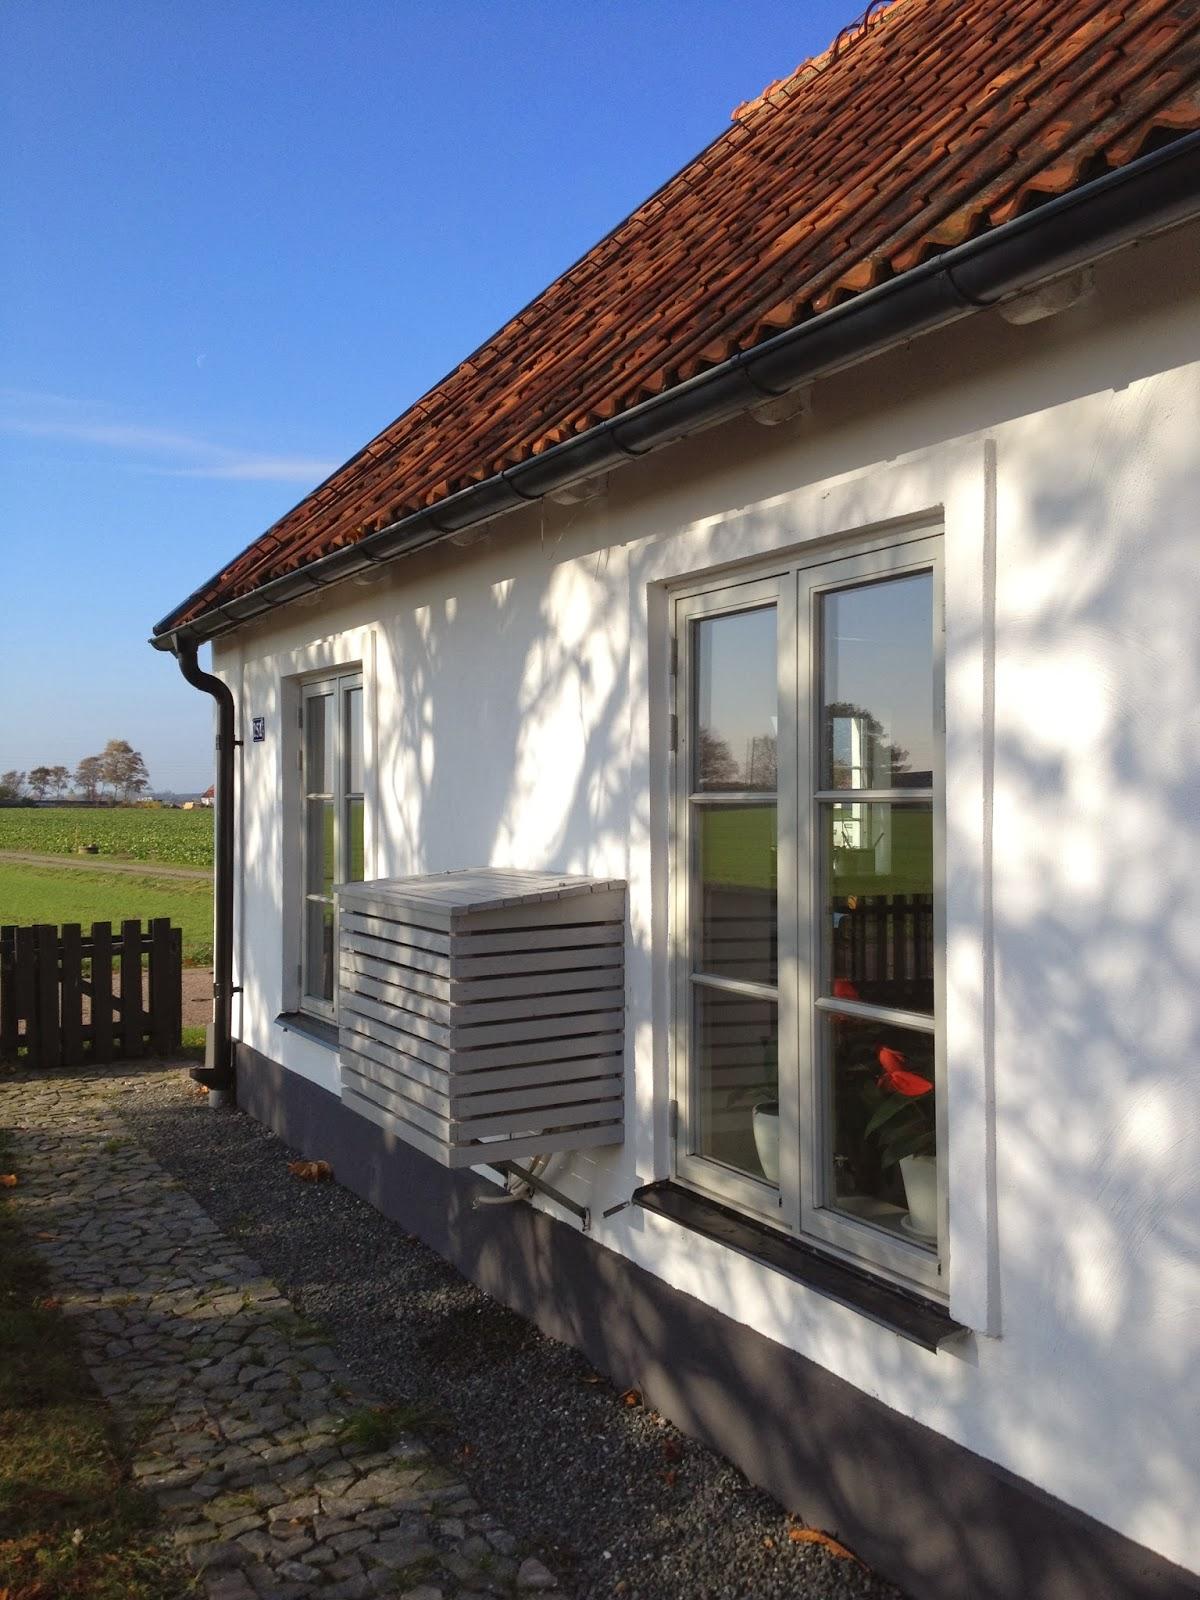 grå ytterdörr med runt fönster